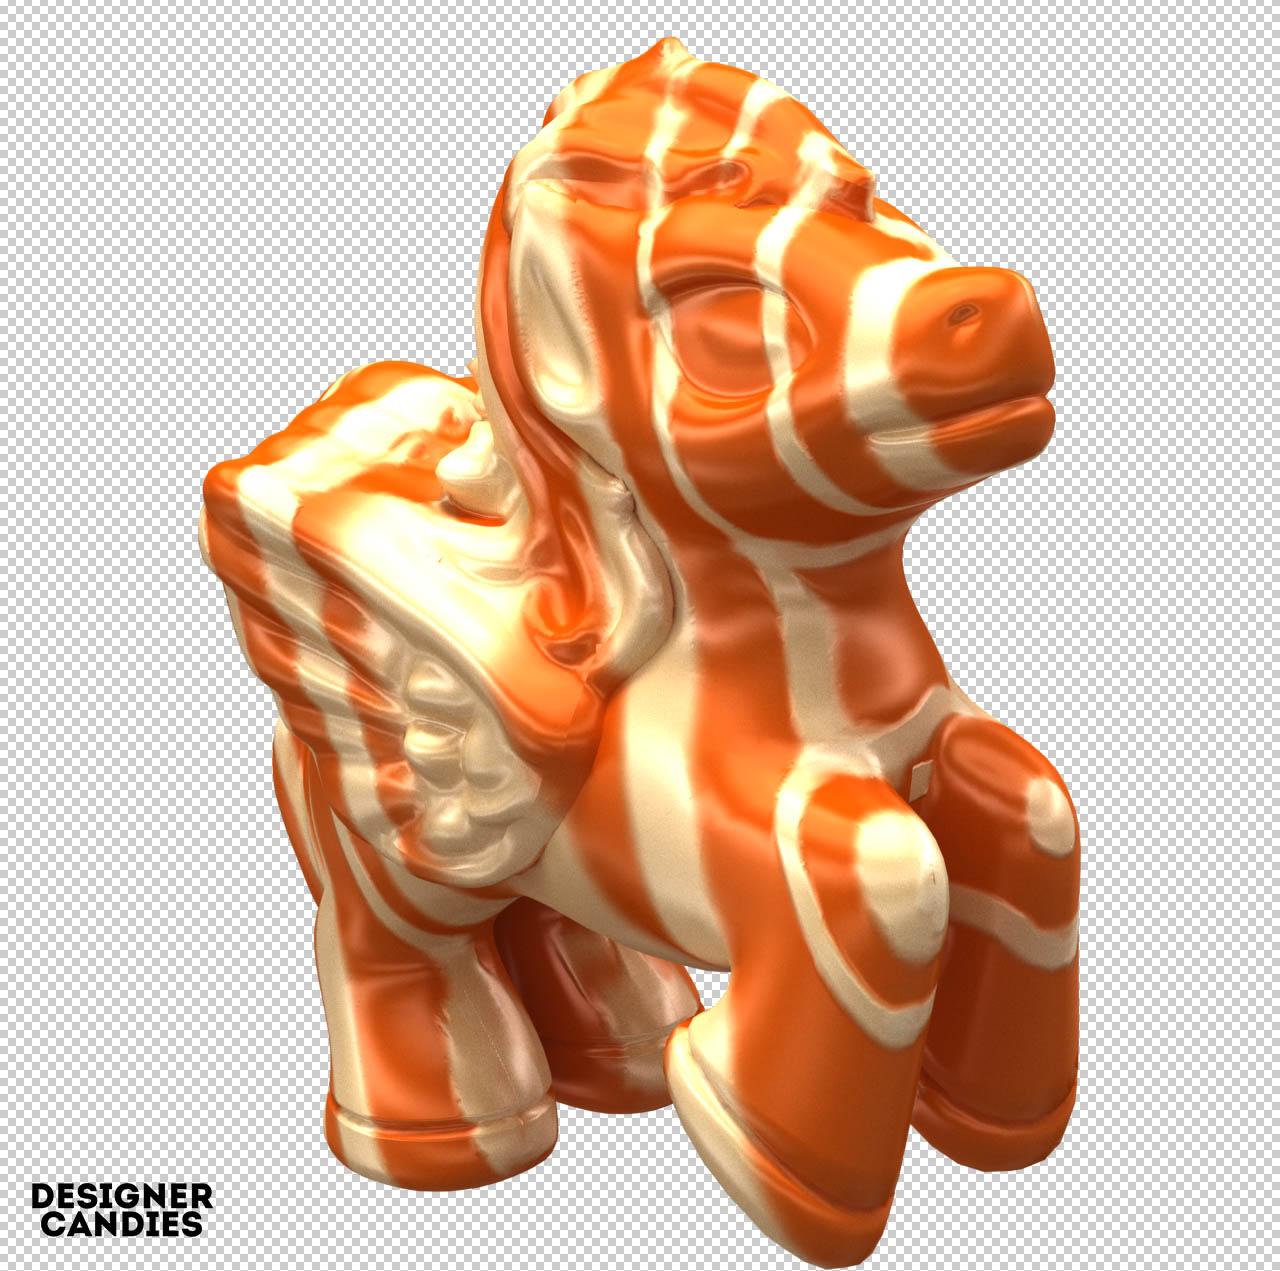 CandyBones - Pony